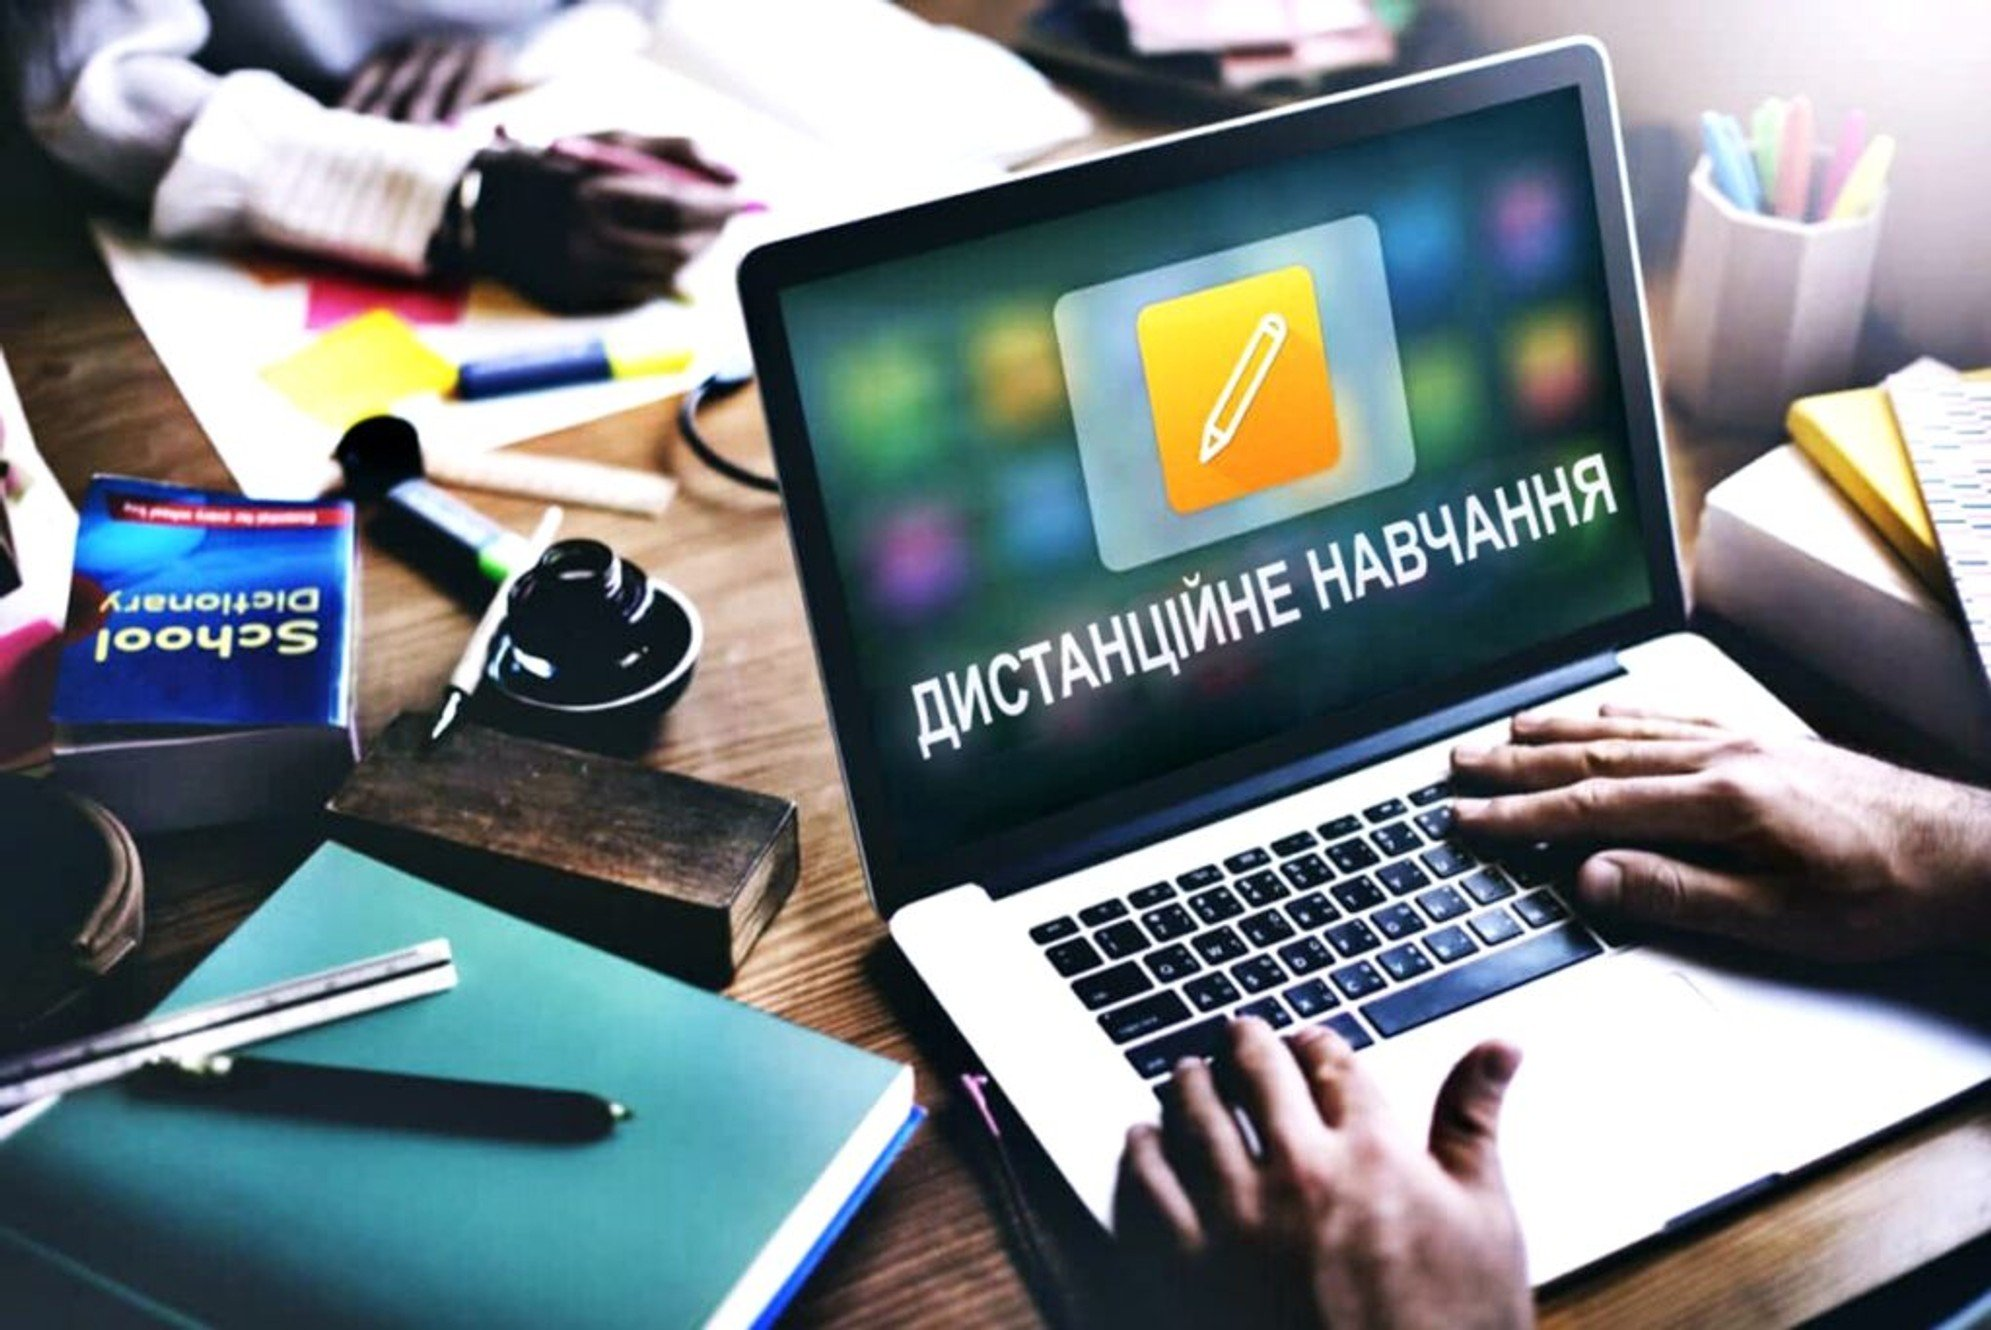 Відомо, учні скількох шкіл Закарпатської області знаходяться на дистанційному навчанні